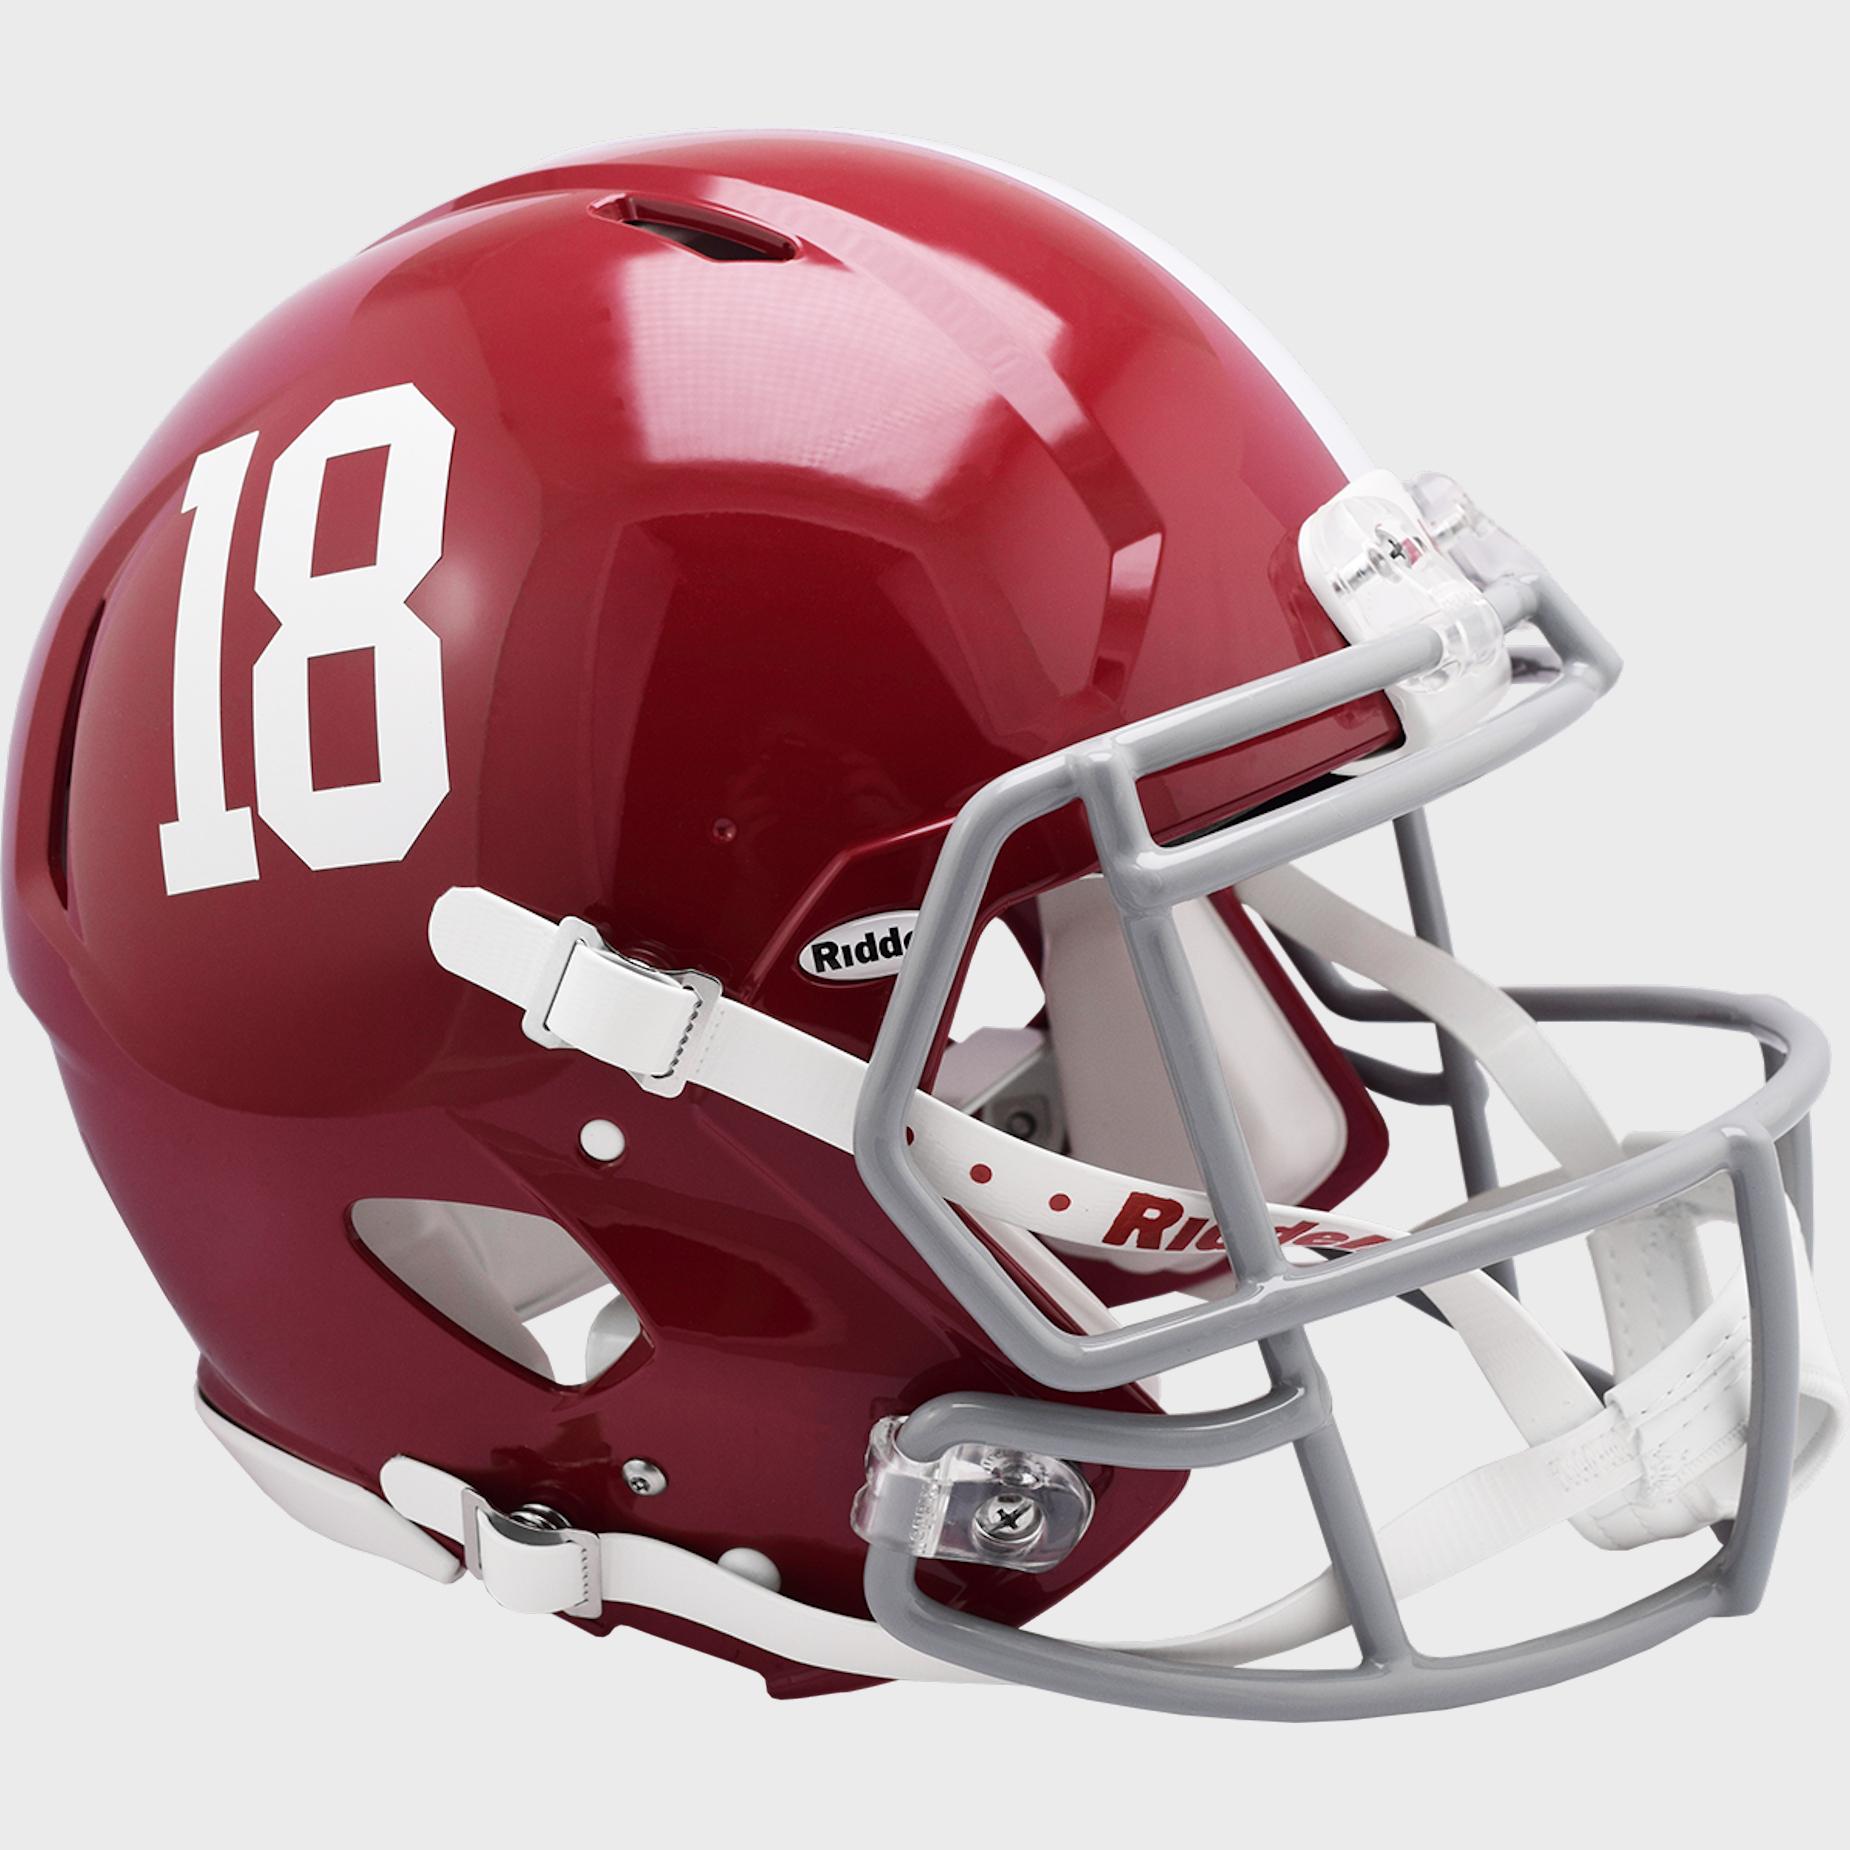 Alabama Crimson Tide Speed Football Helmet #18 <B>NEW 2021</B>